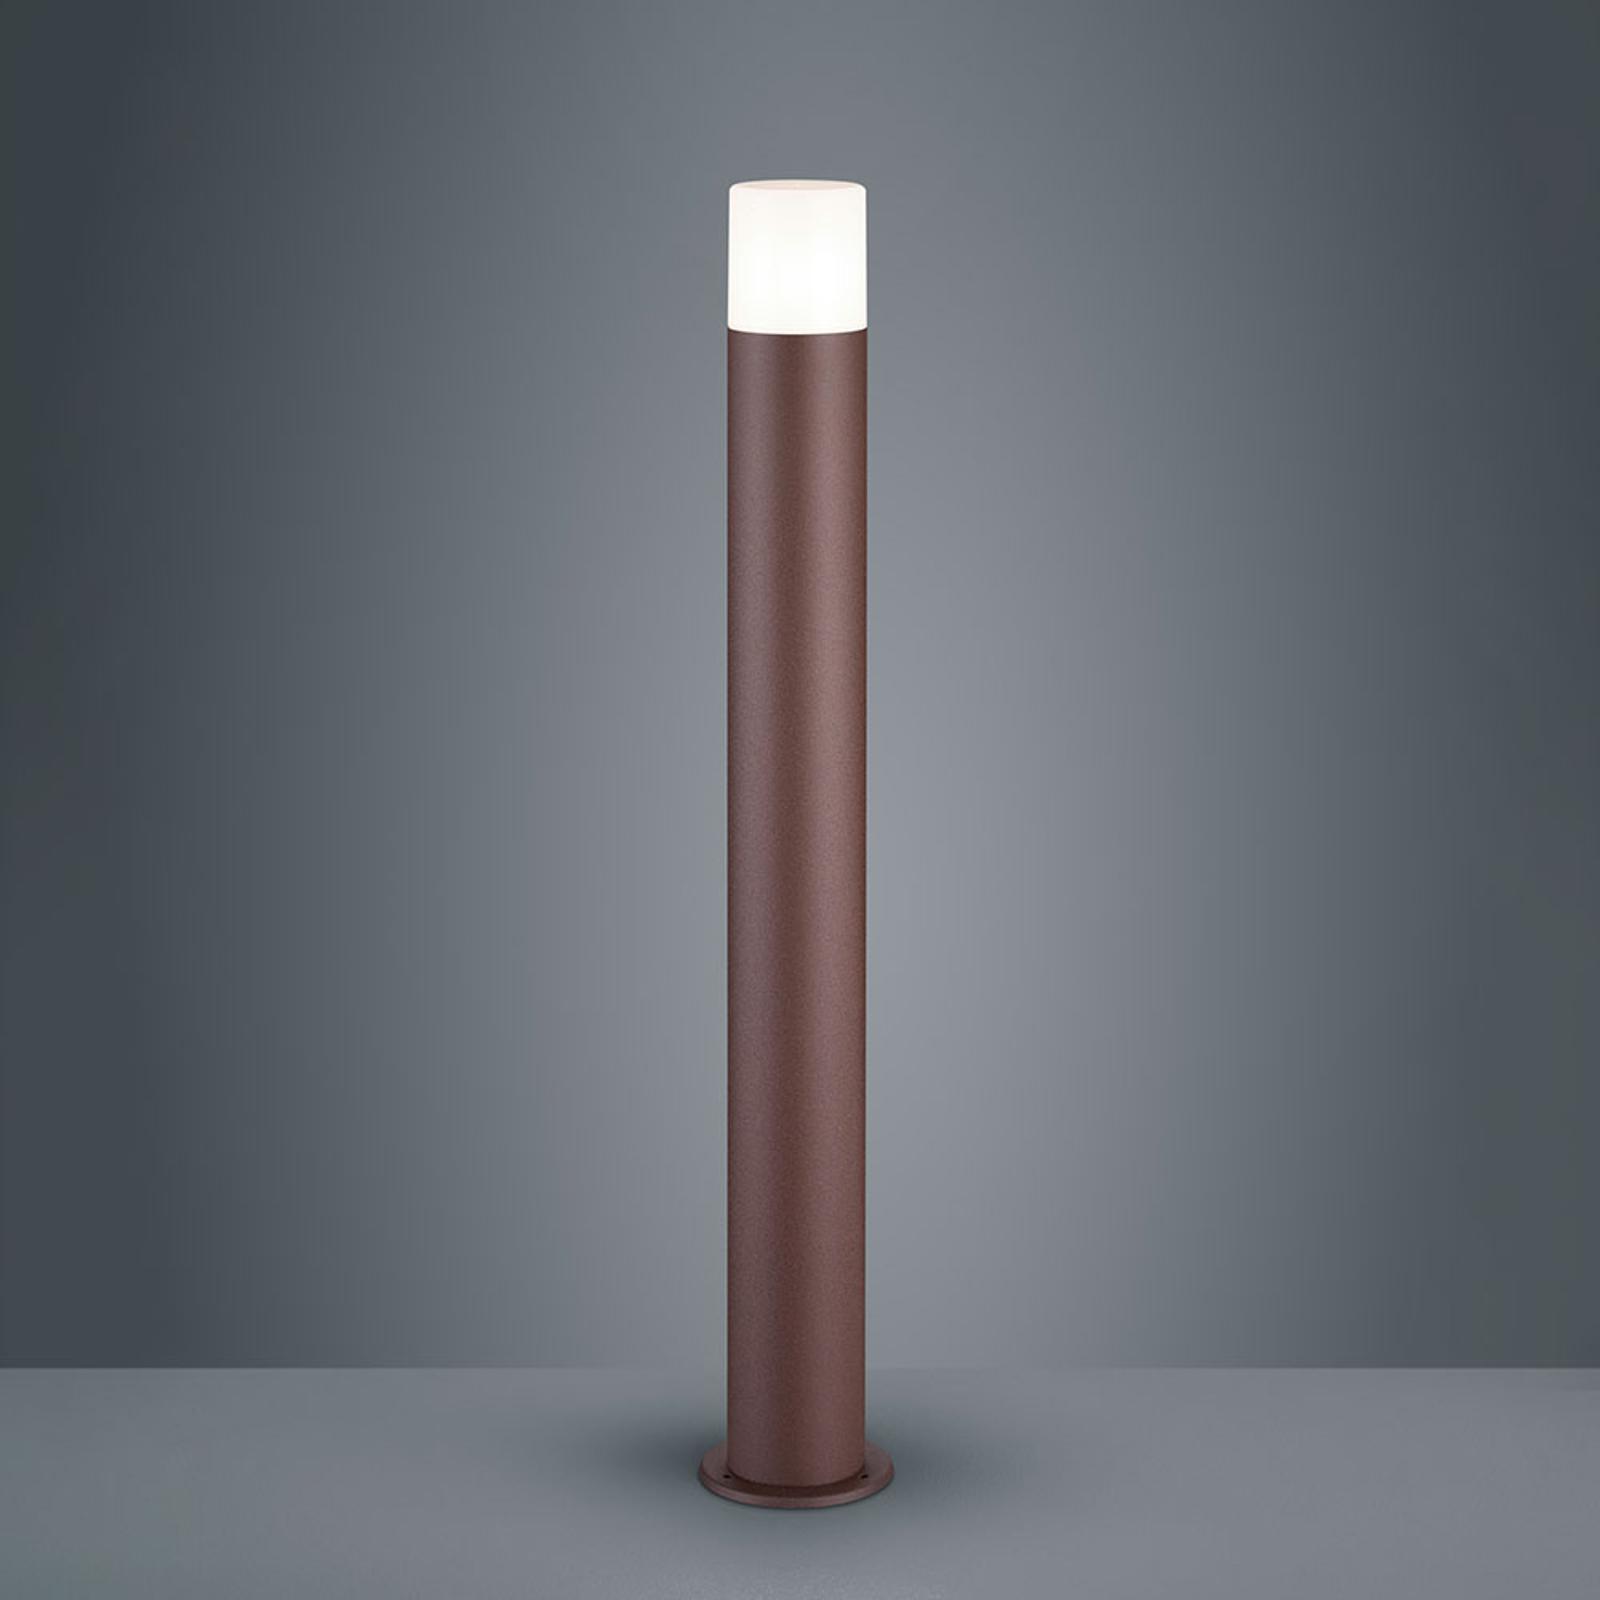 Słupek oświetleniowy Hoosic z aluminium